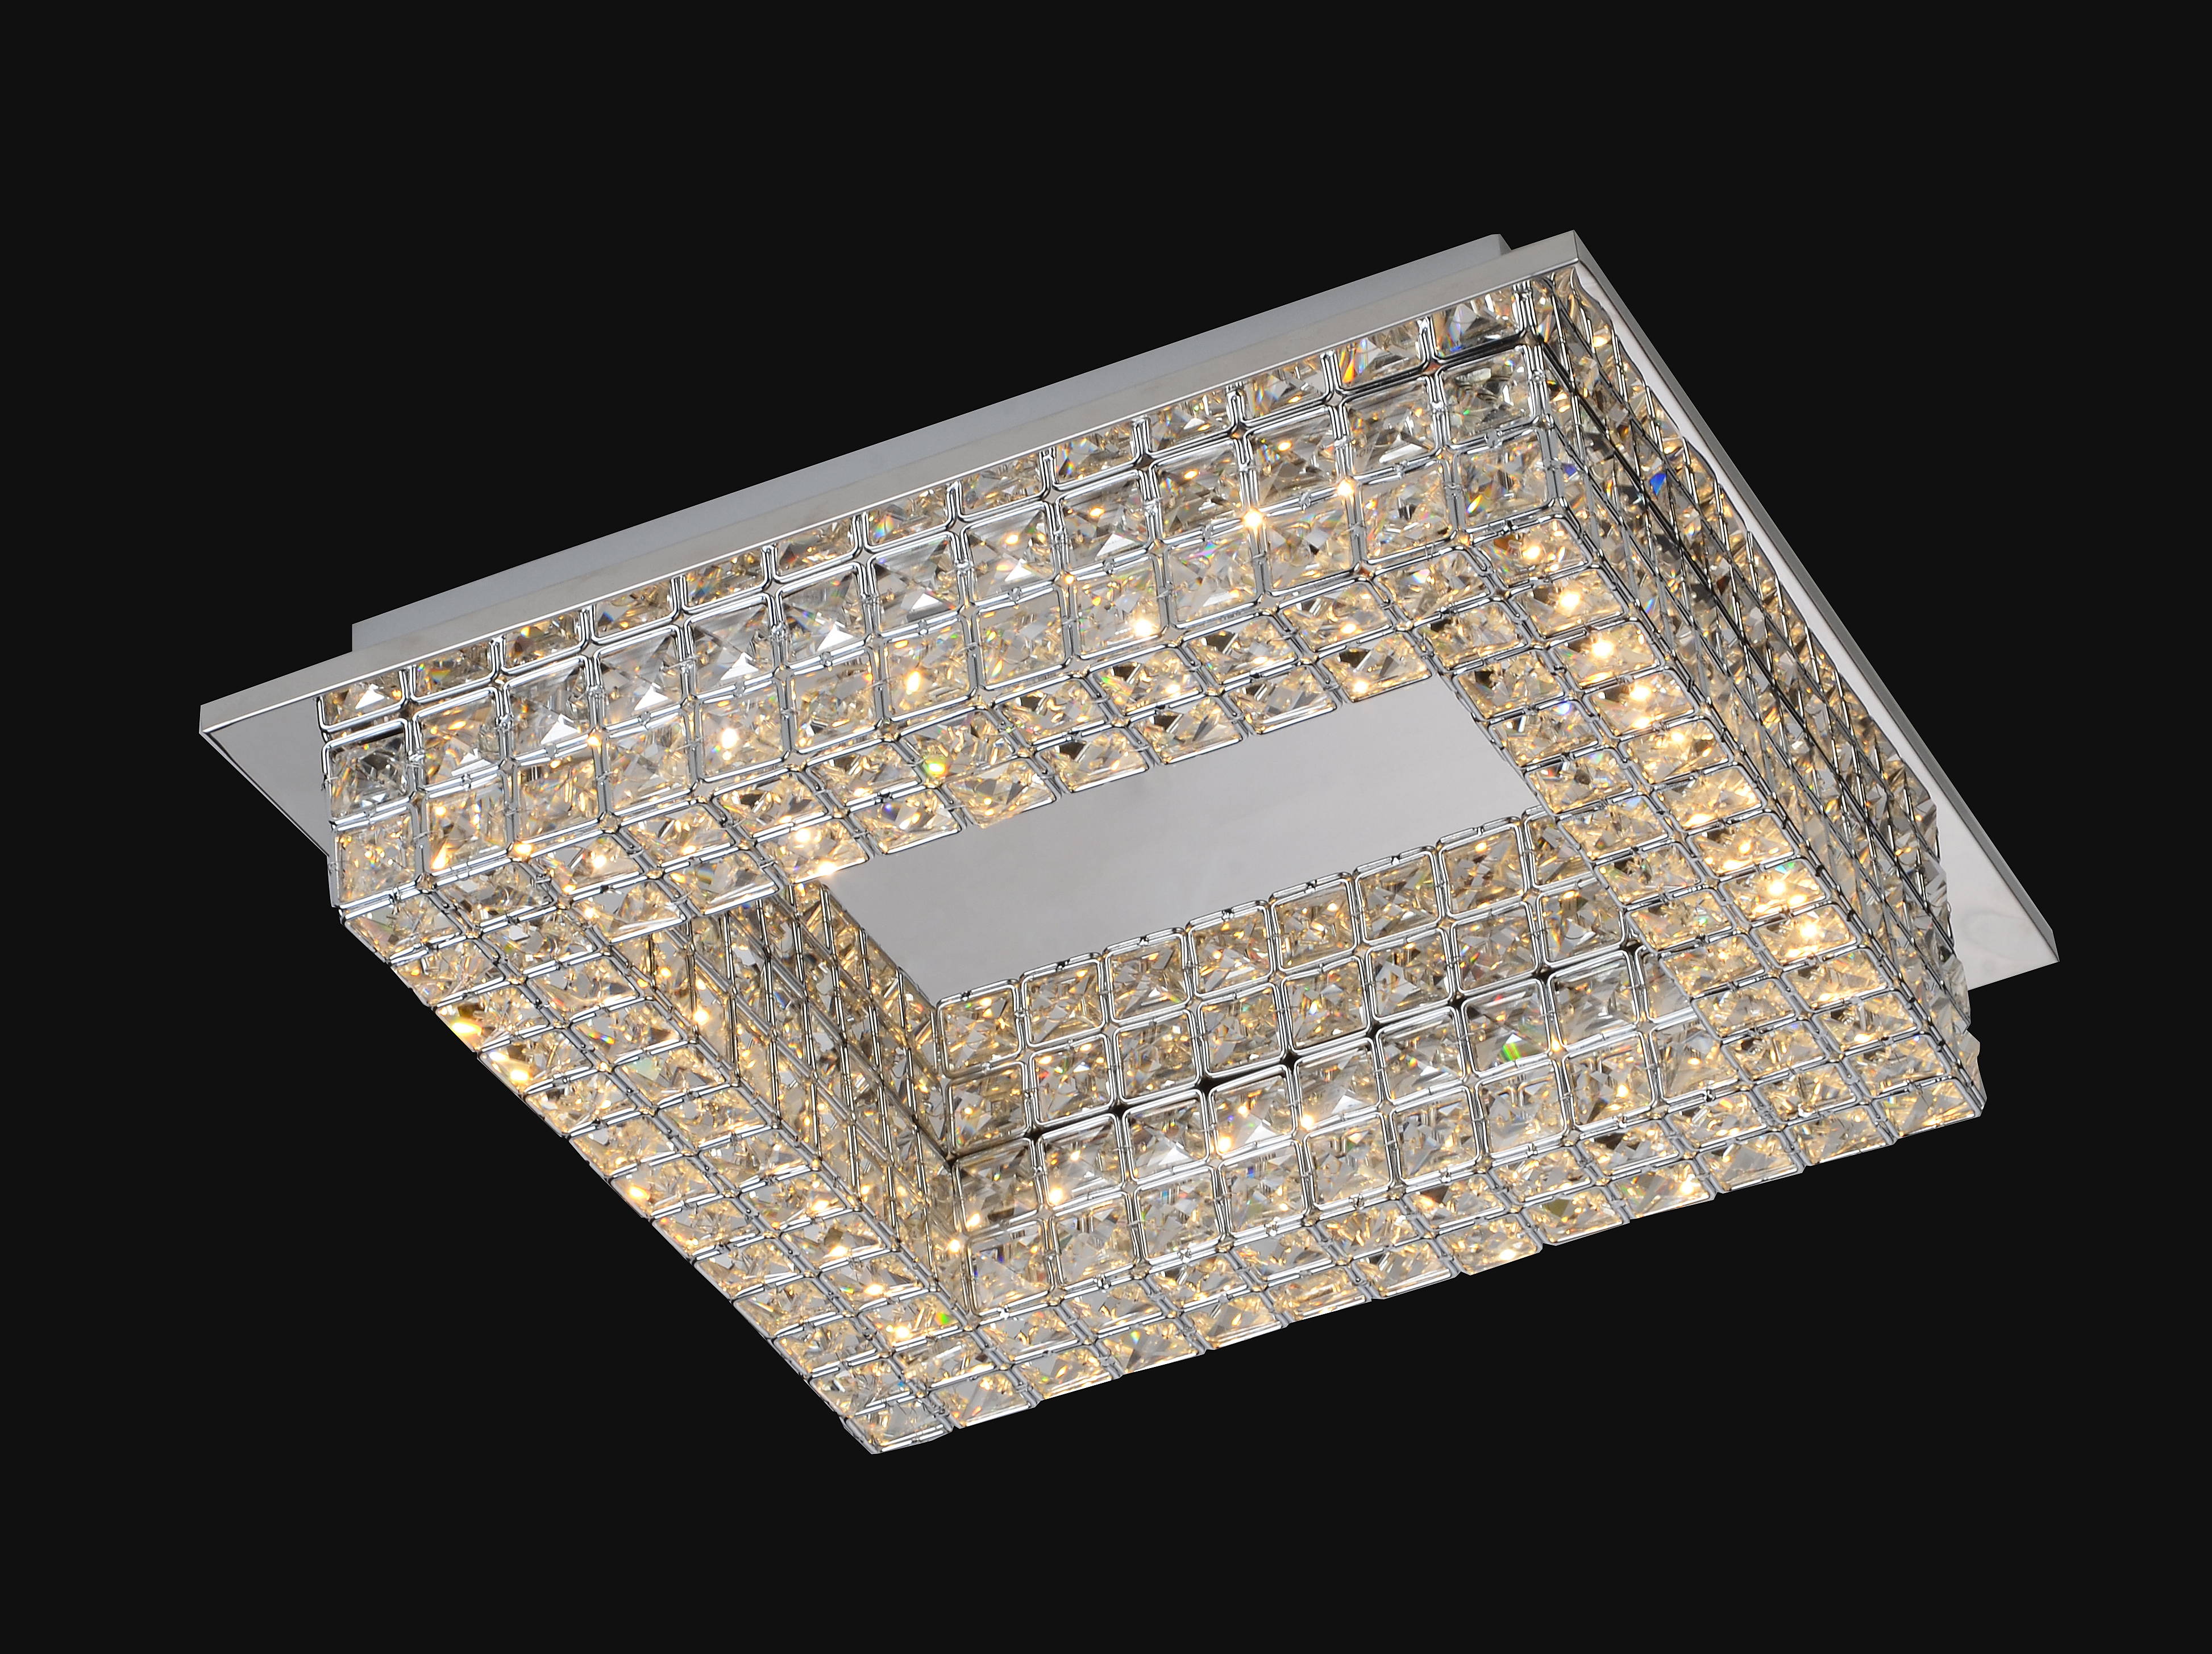 квадратные люстры для натяжных потолков фото пираха